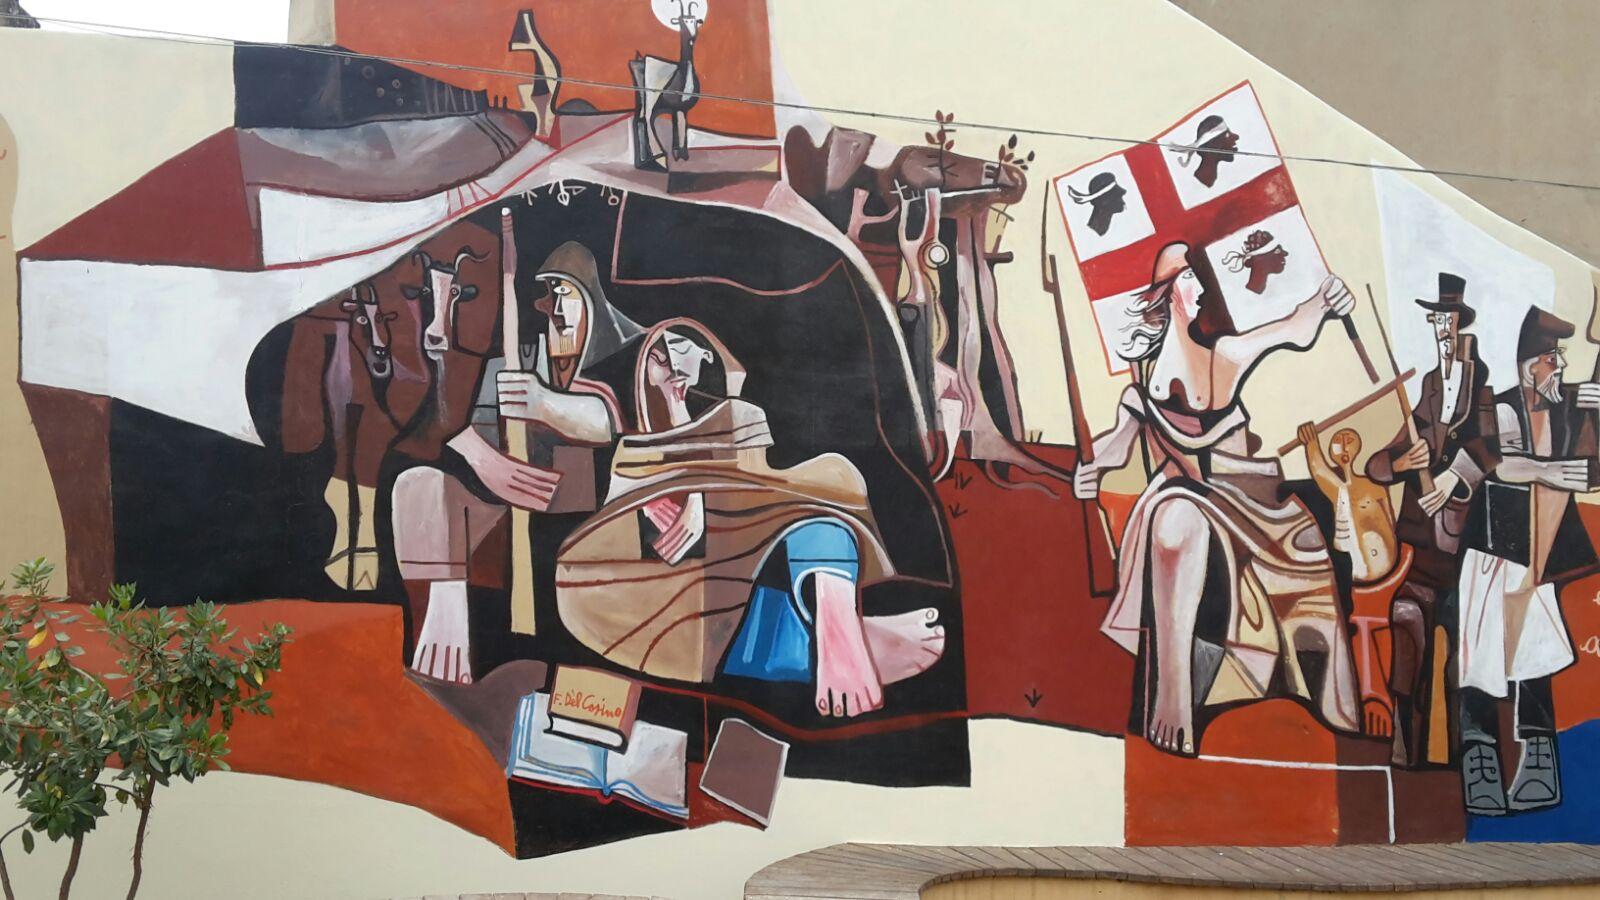 Palabanda murale